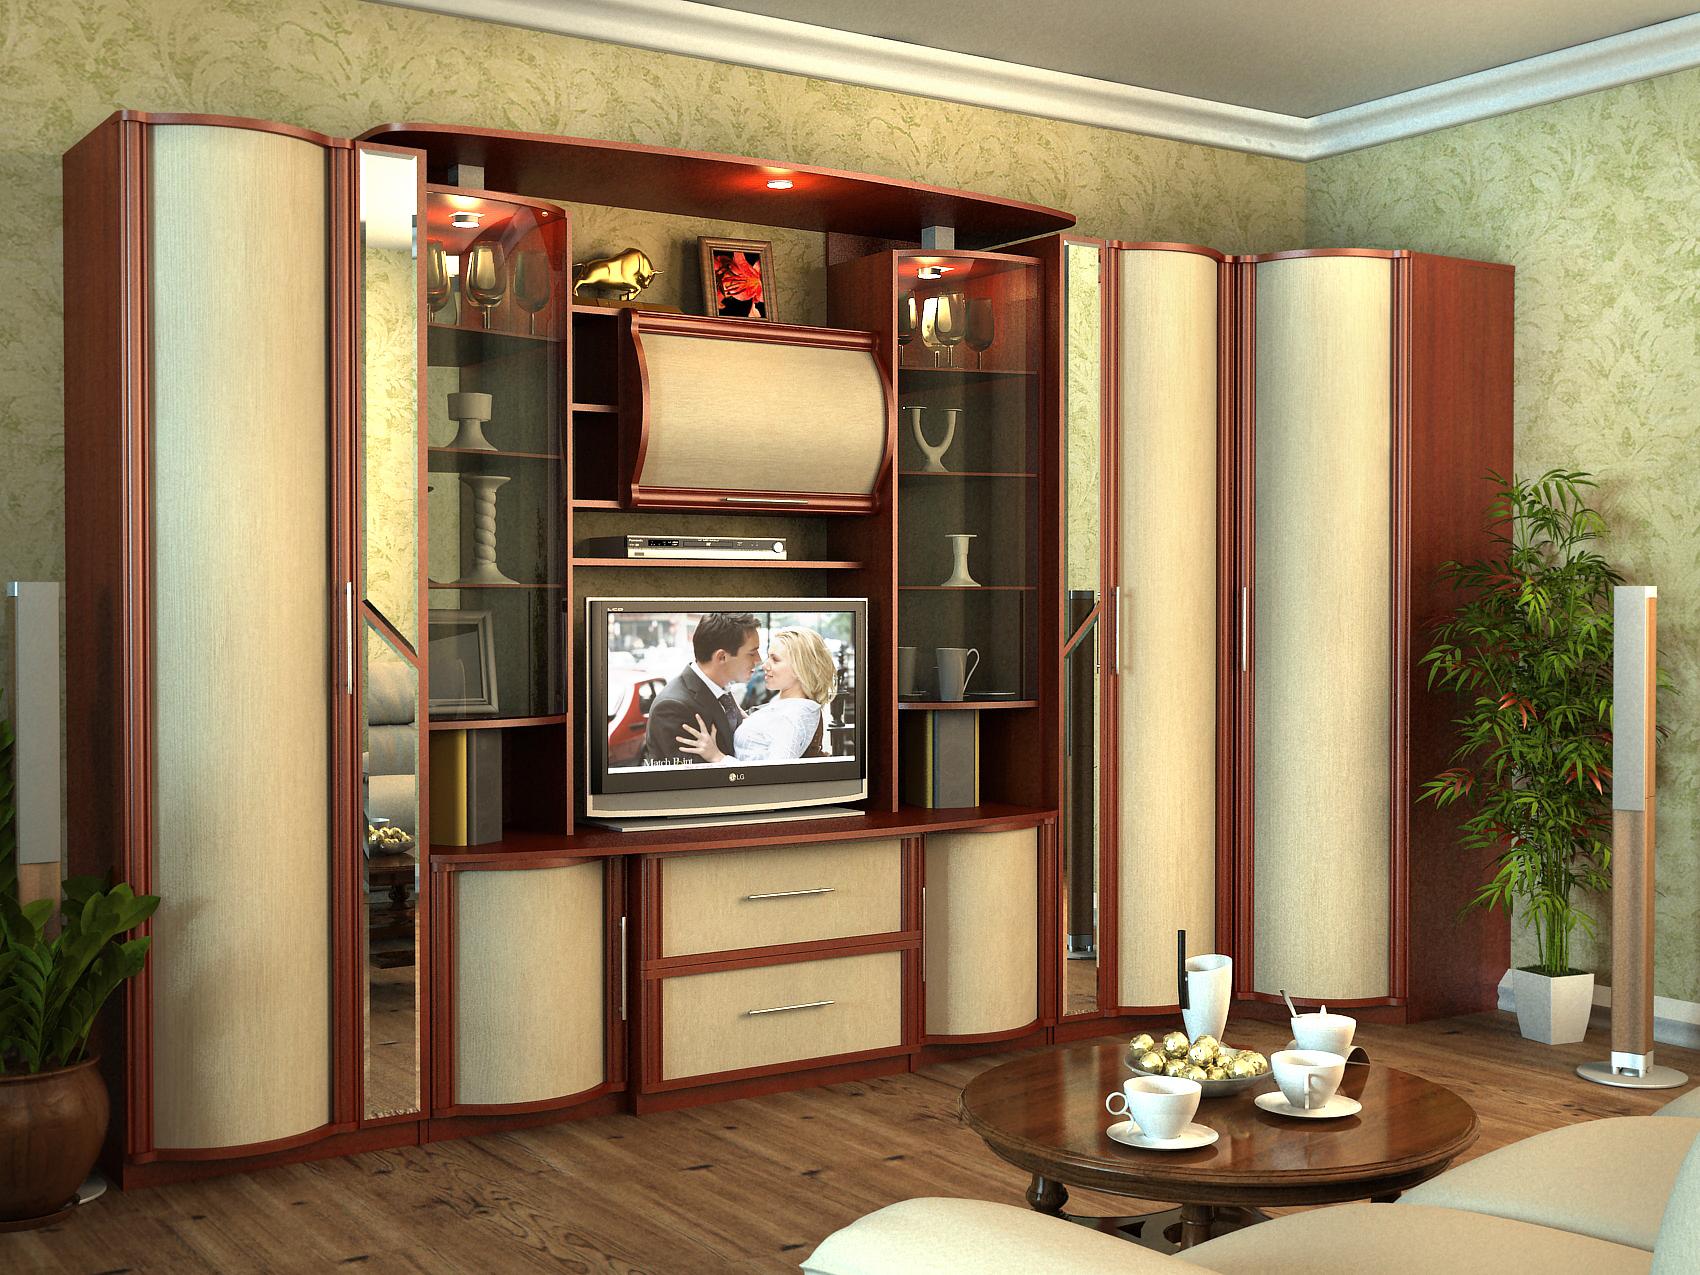 Стенка для гостиной со шкафом для одежды - современные дизайнерские тенденции